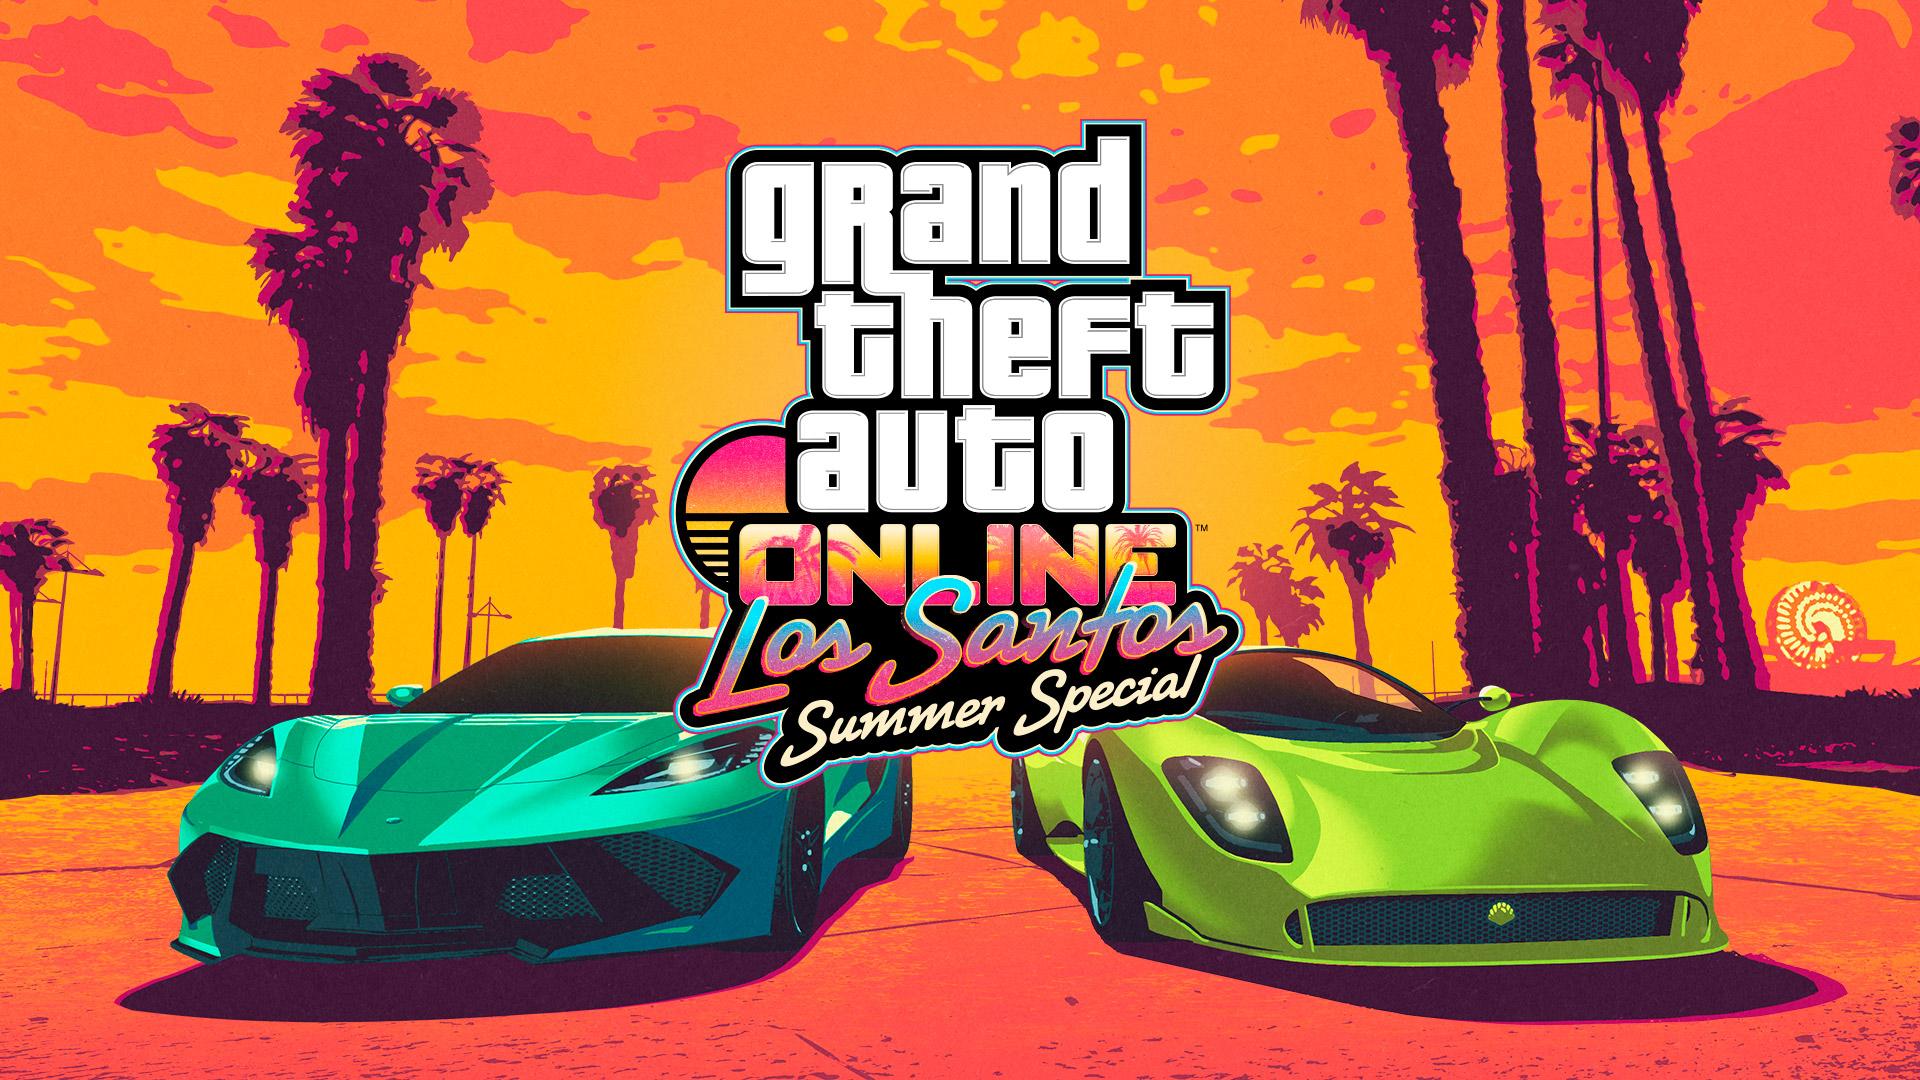 Grand Theft Auto Online Los Santos